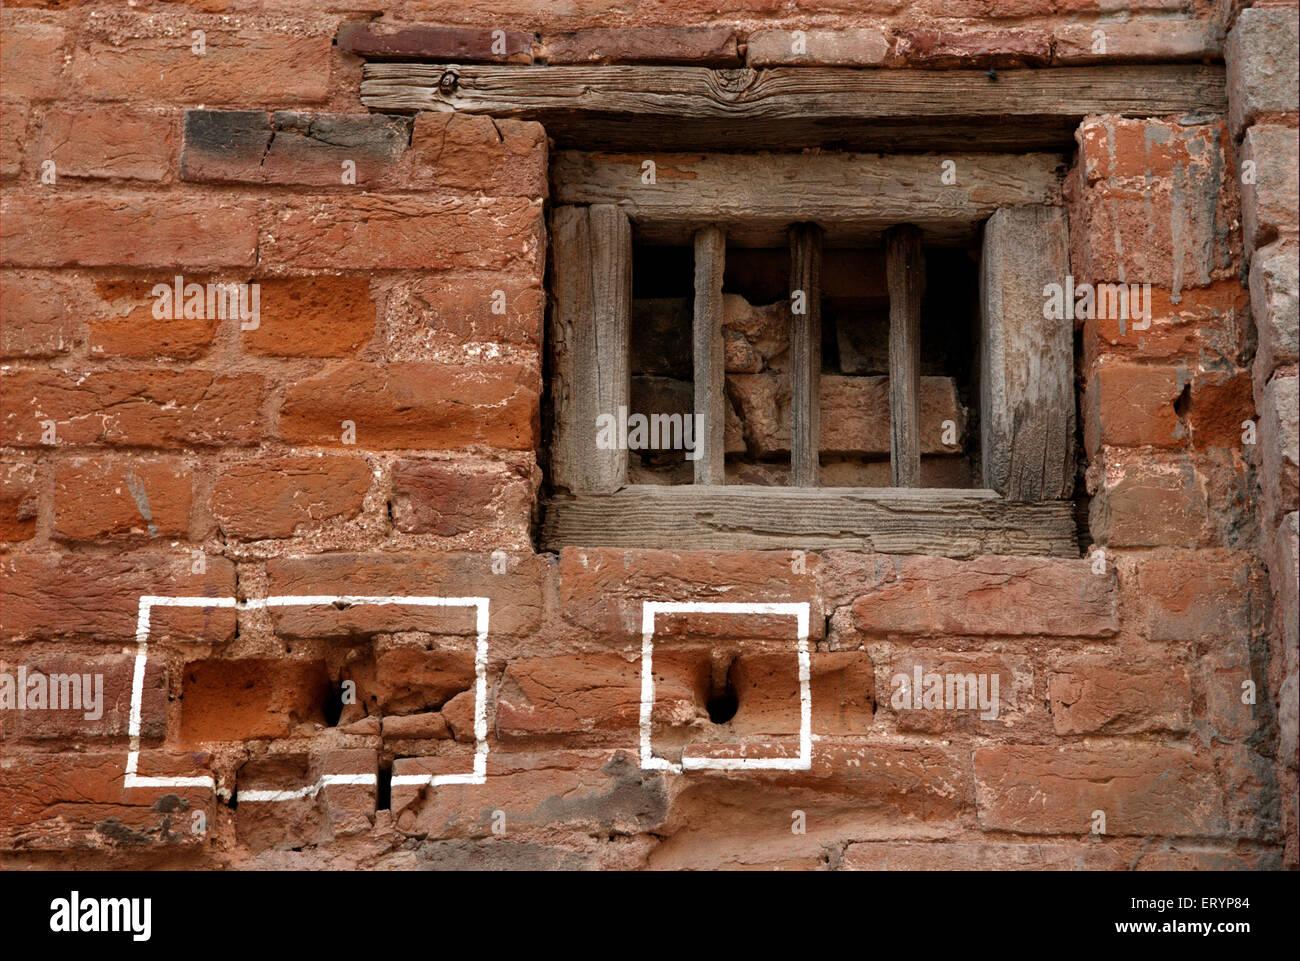 Bullet marks visible on preserved wall at Jallianwala or Jalianwala Bagh ; Amritsar ; Punjab ; India - Stock Image